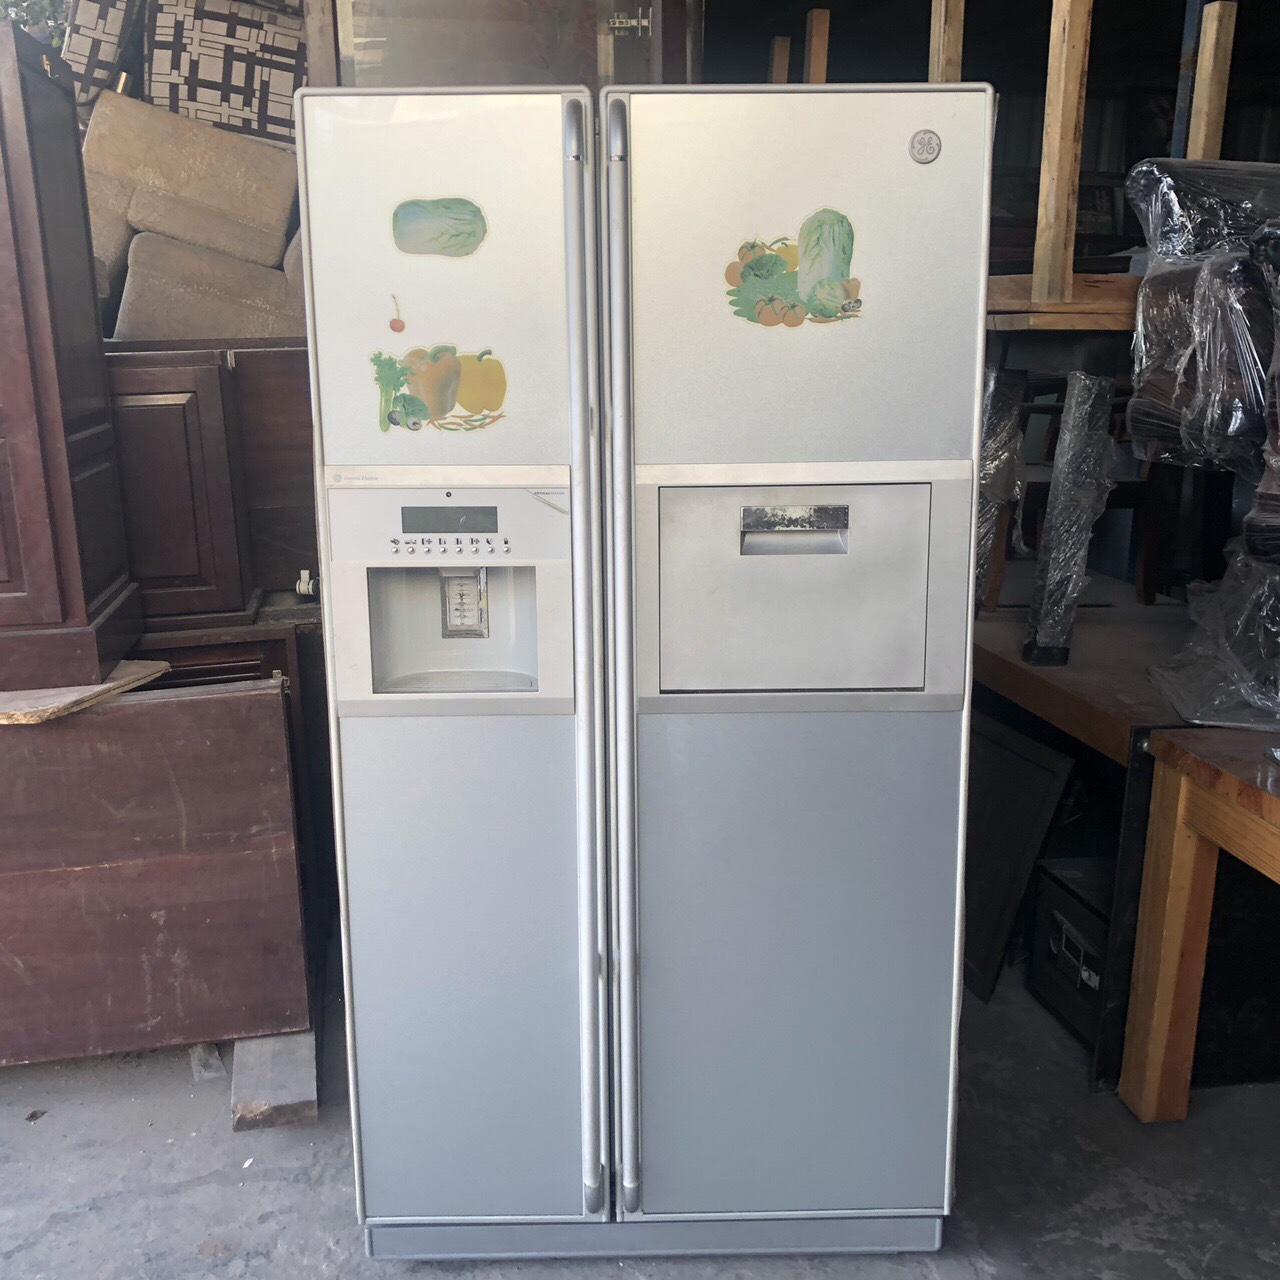 Thanh lý tủ lạnh thương hiệu Pháp giá rẻ